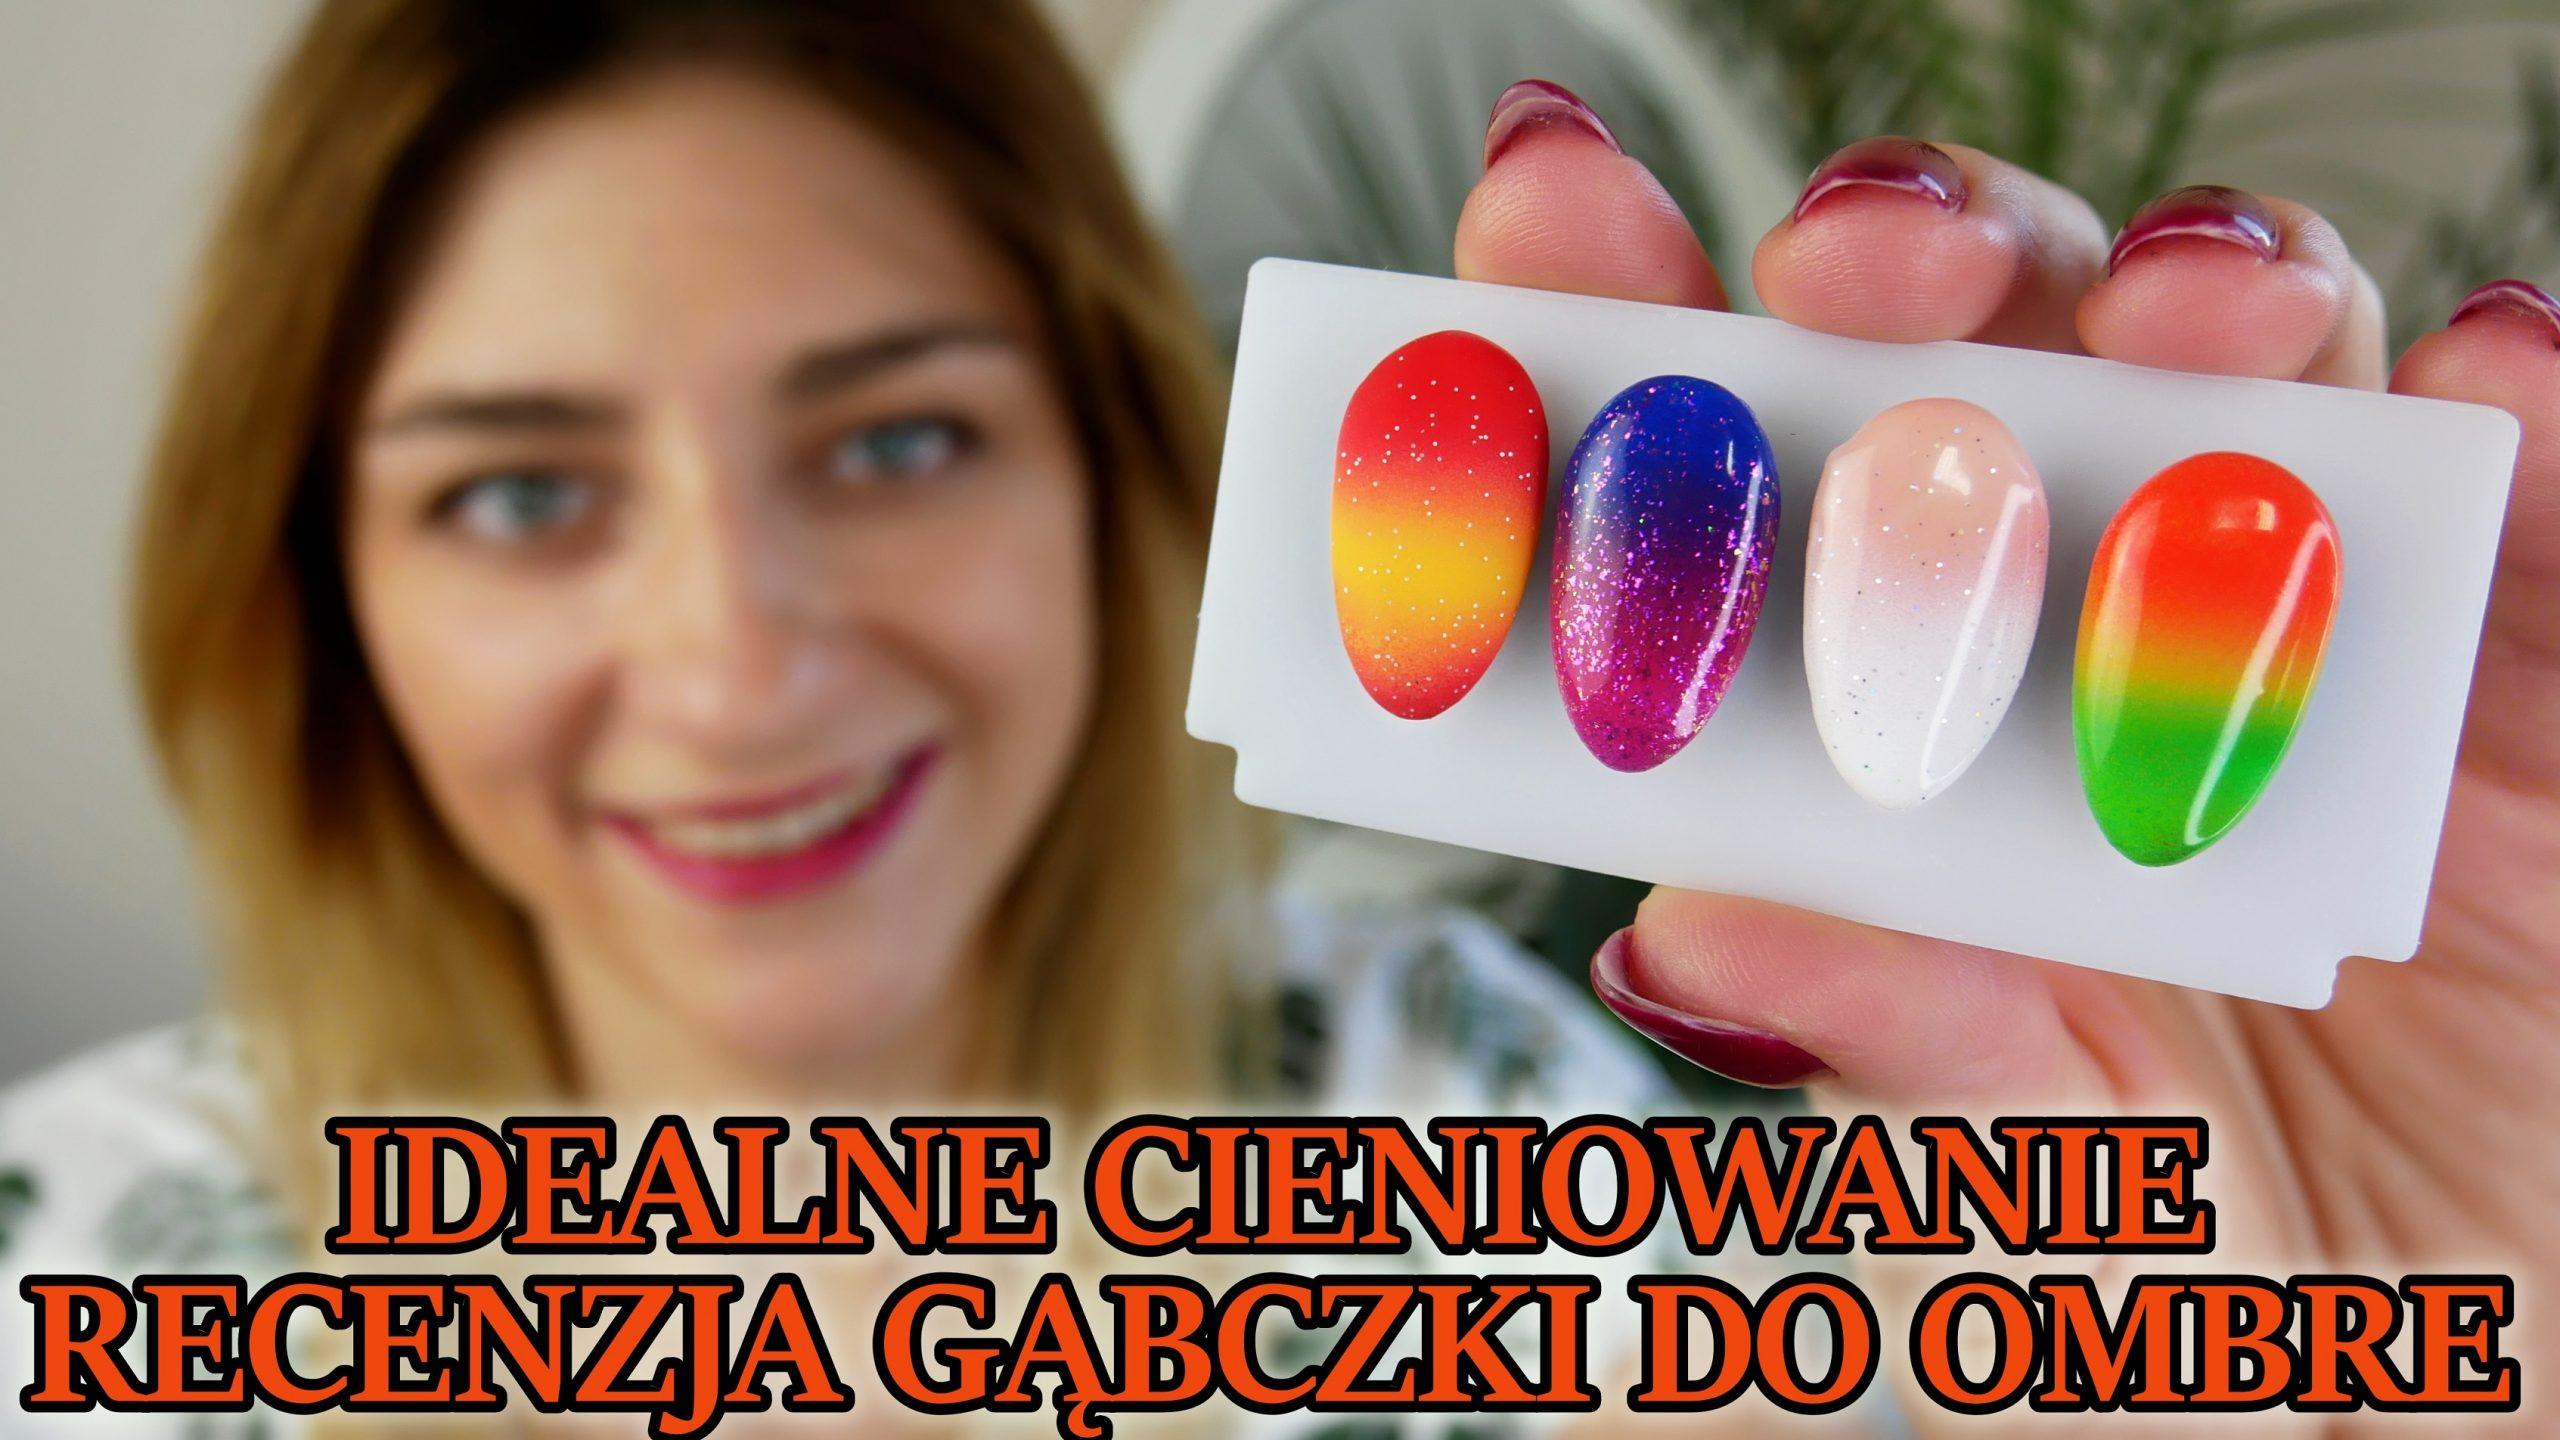 gabeczka-do-ombre-recenzja-Slowianka-Lakierowniczka-cieniowanie-gradient